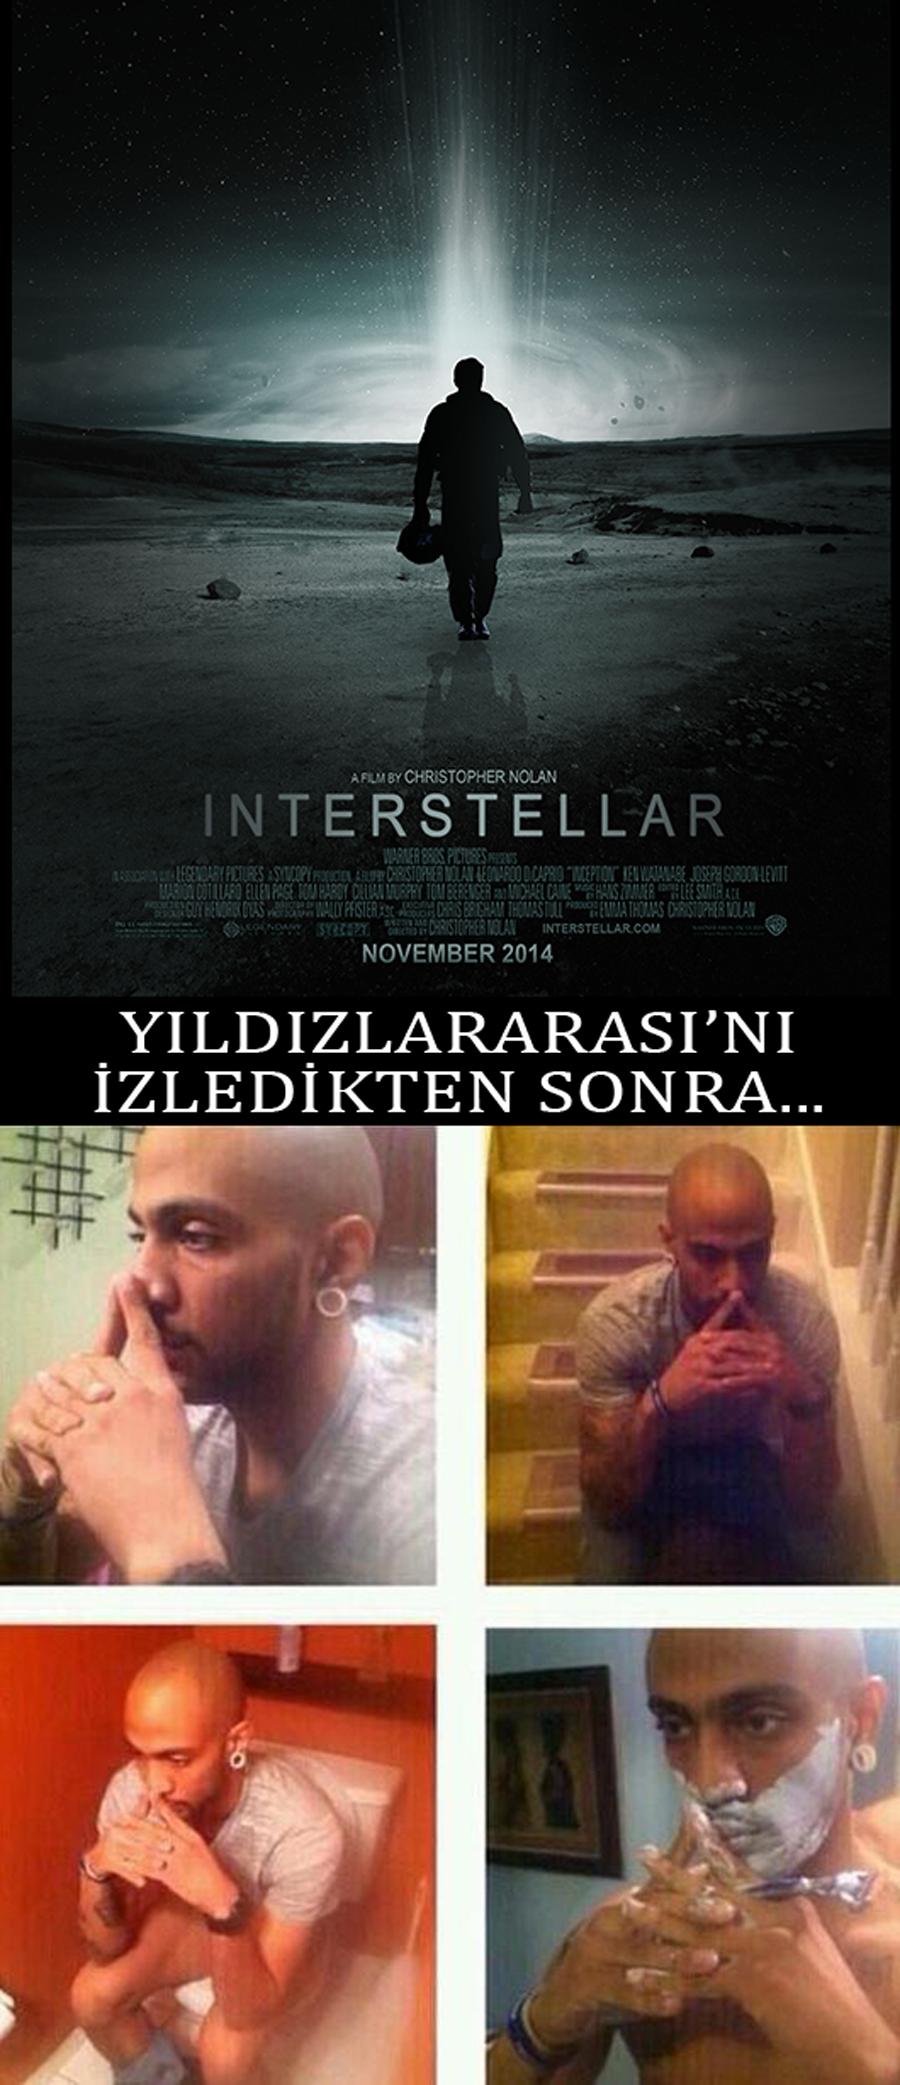 Interstellar'dan Önce ve Sonra...